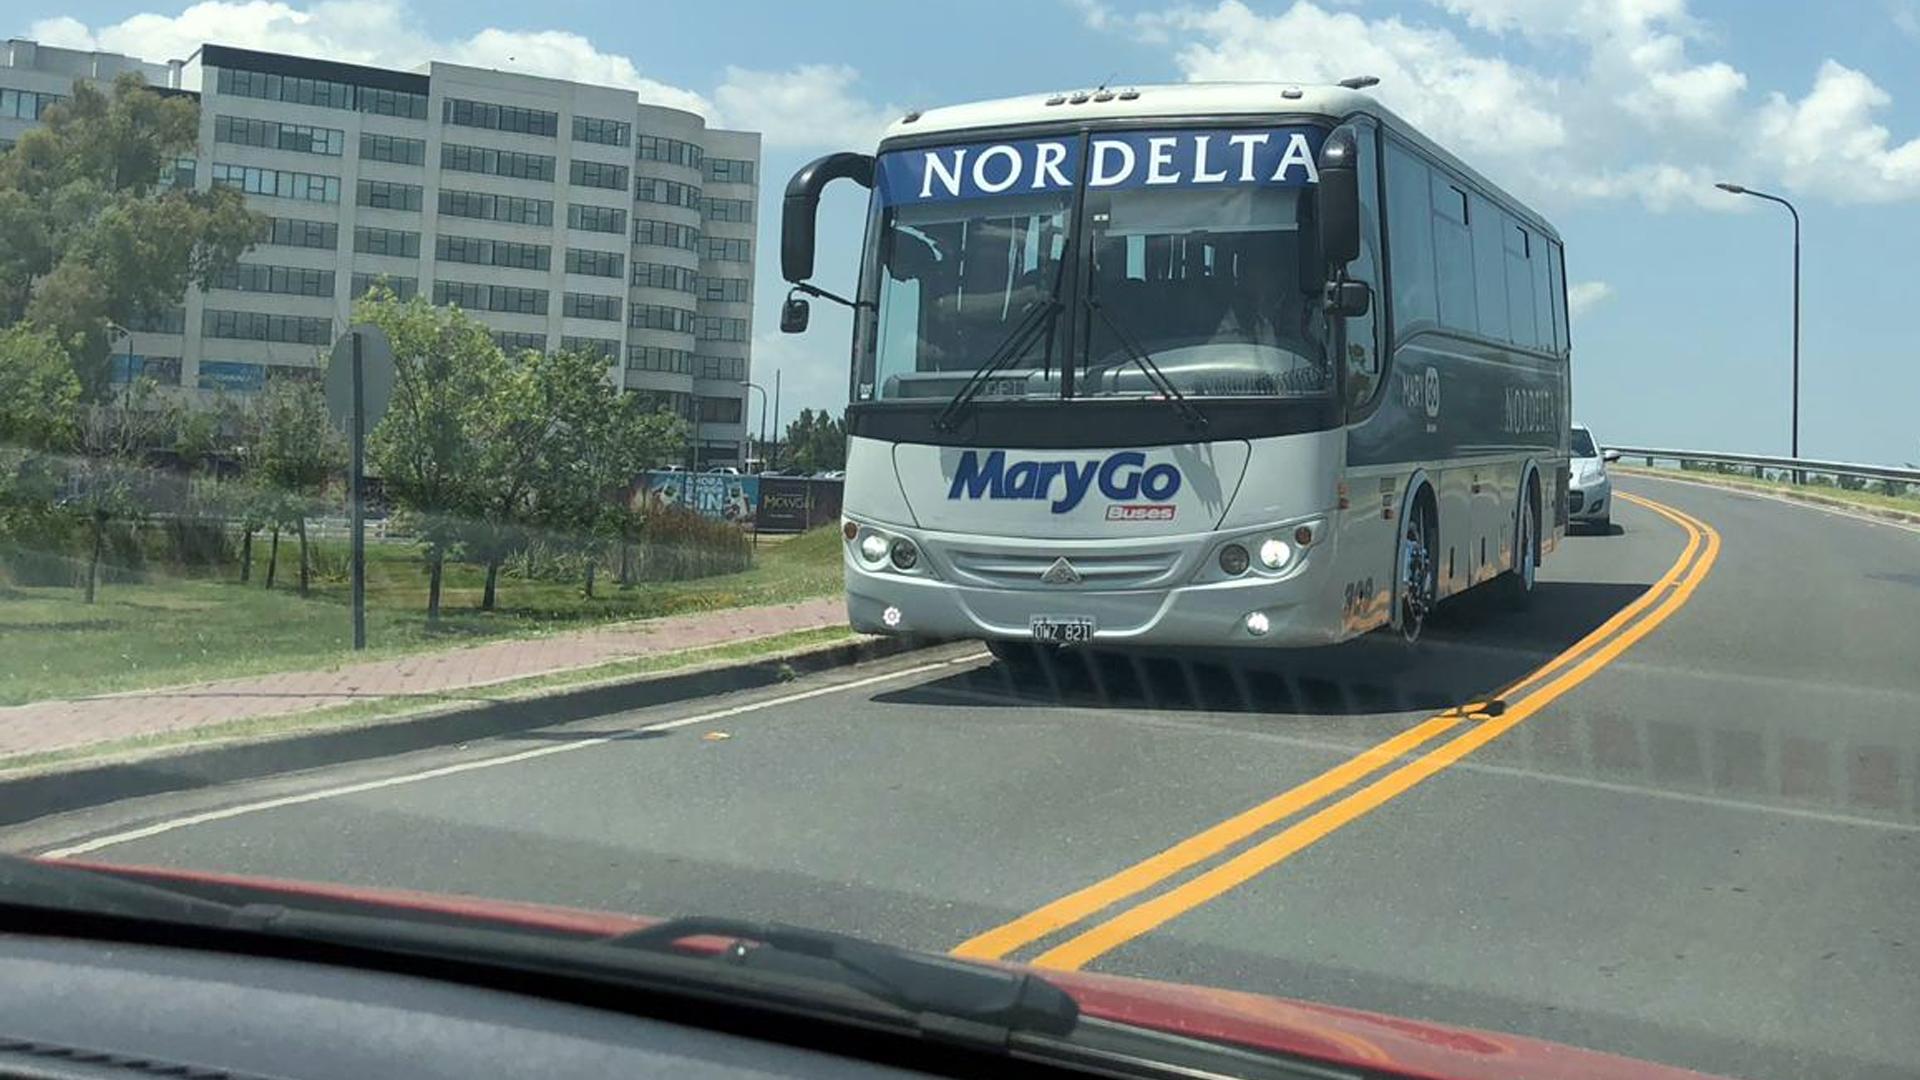 El transporte Mary Go seguirá siendo gratuito (Nicolás Quintela)